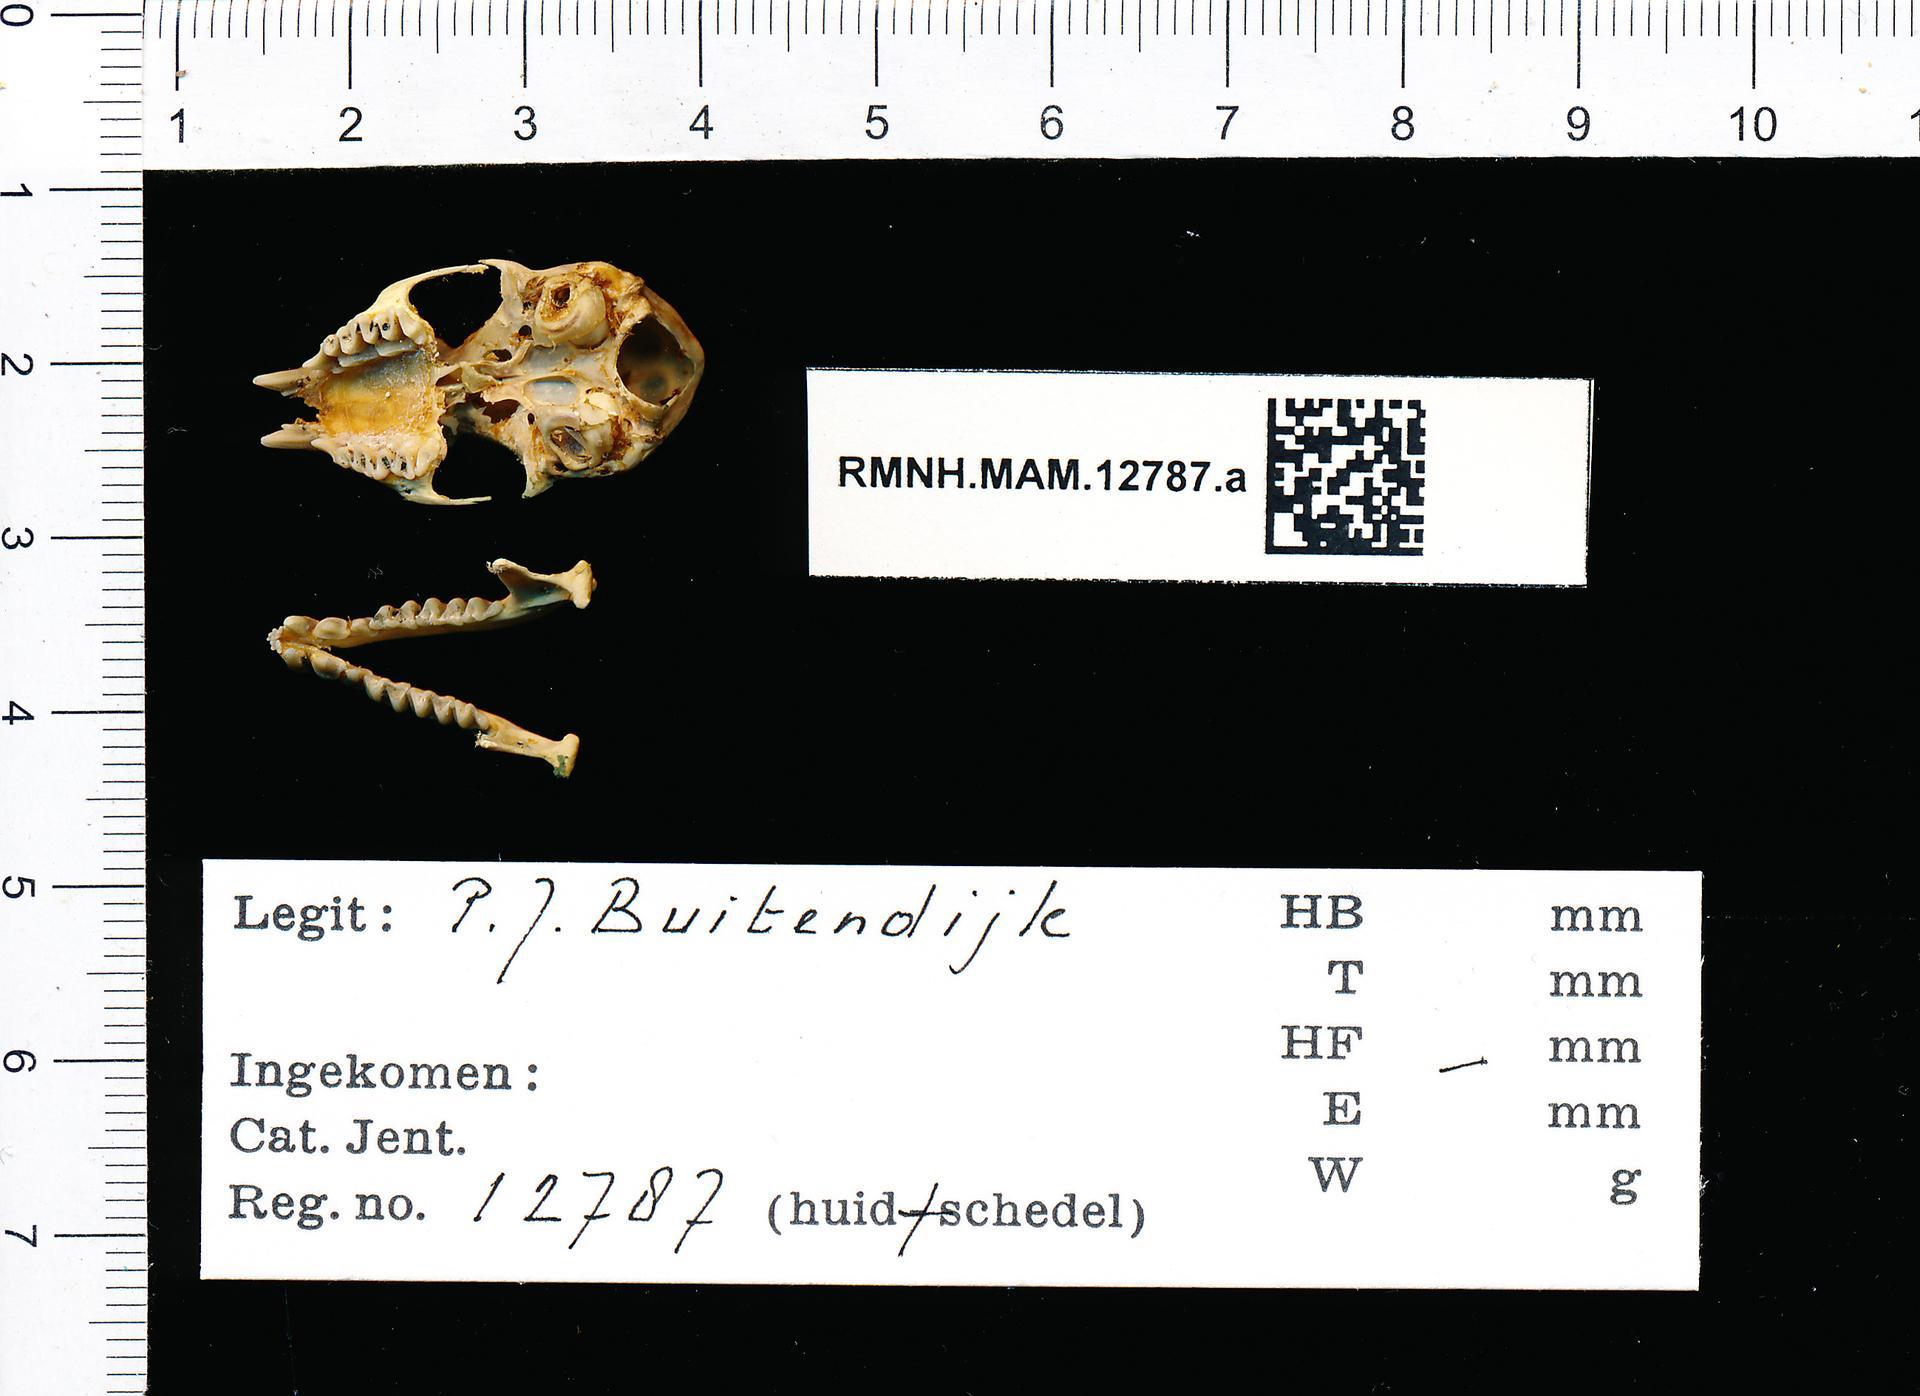 Naturalis_Biodiversity_Center_-_RMNH.MAM